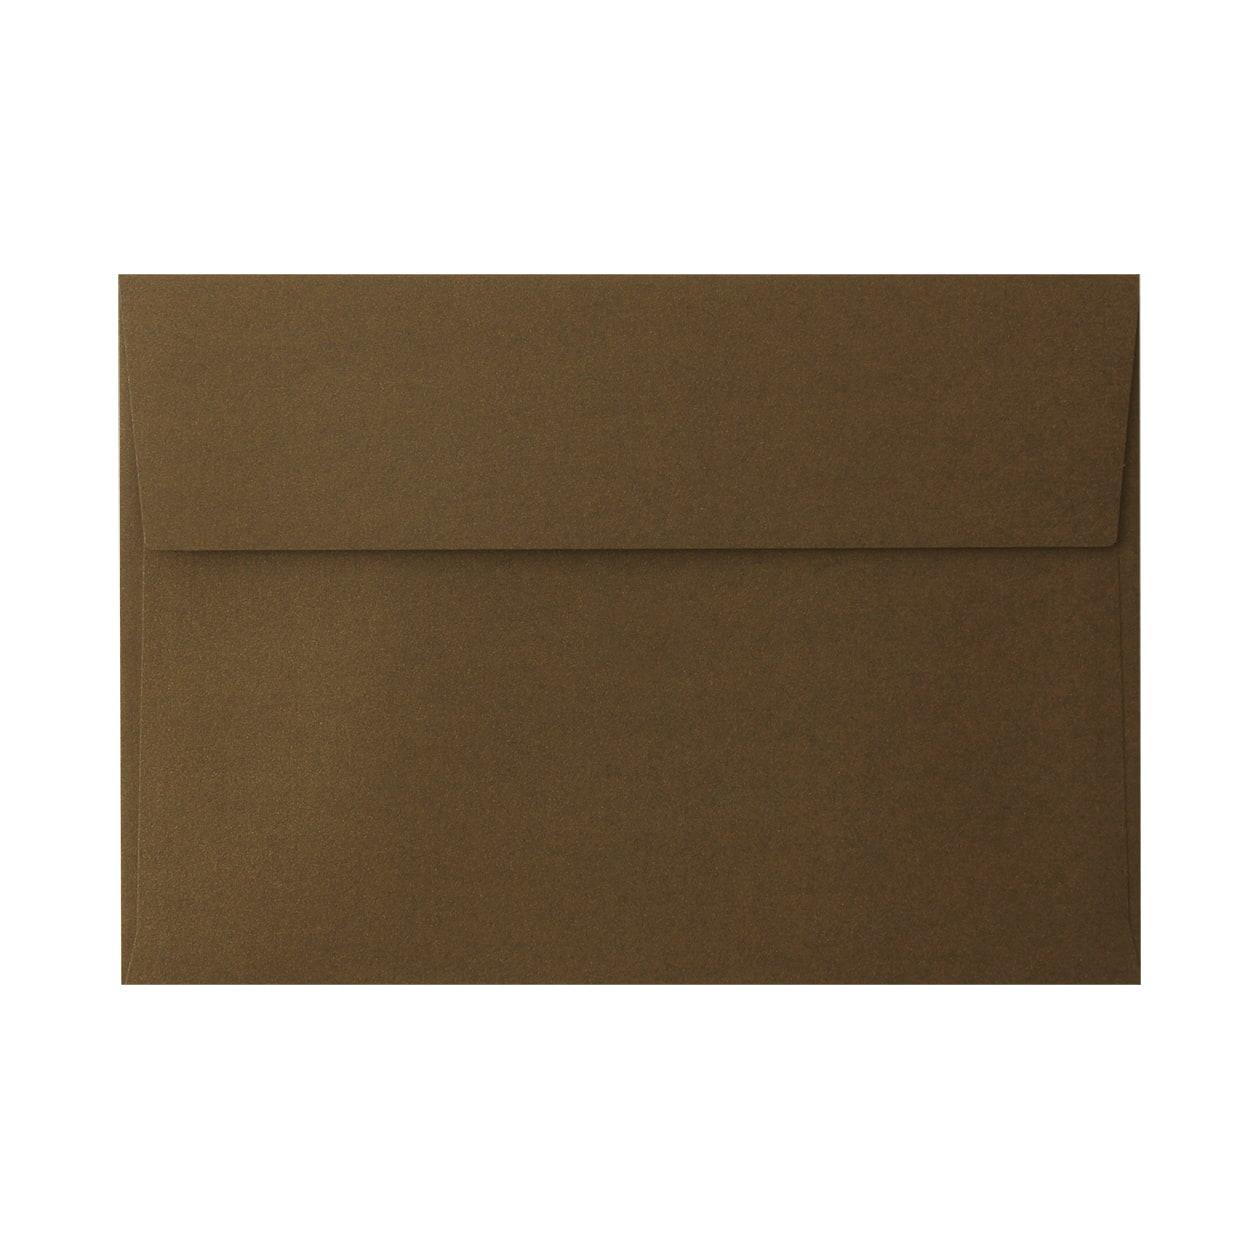 角6カマス封筒 コットンパール チョコレート 125.3g